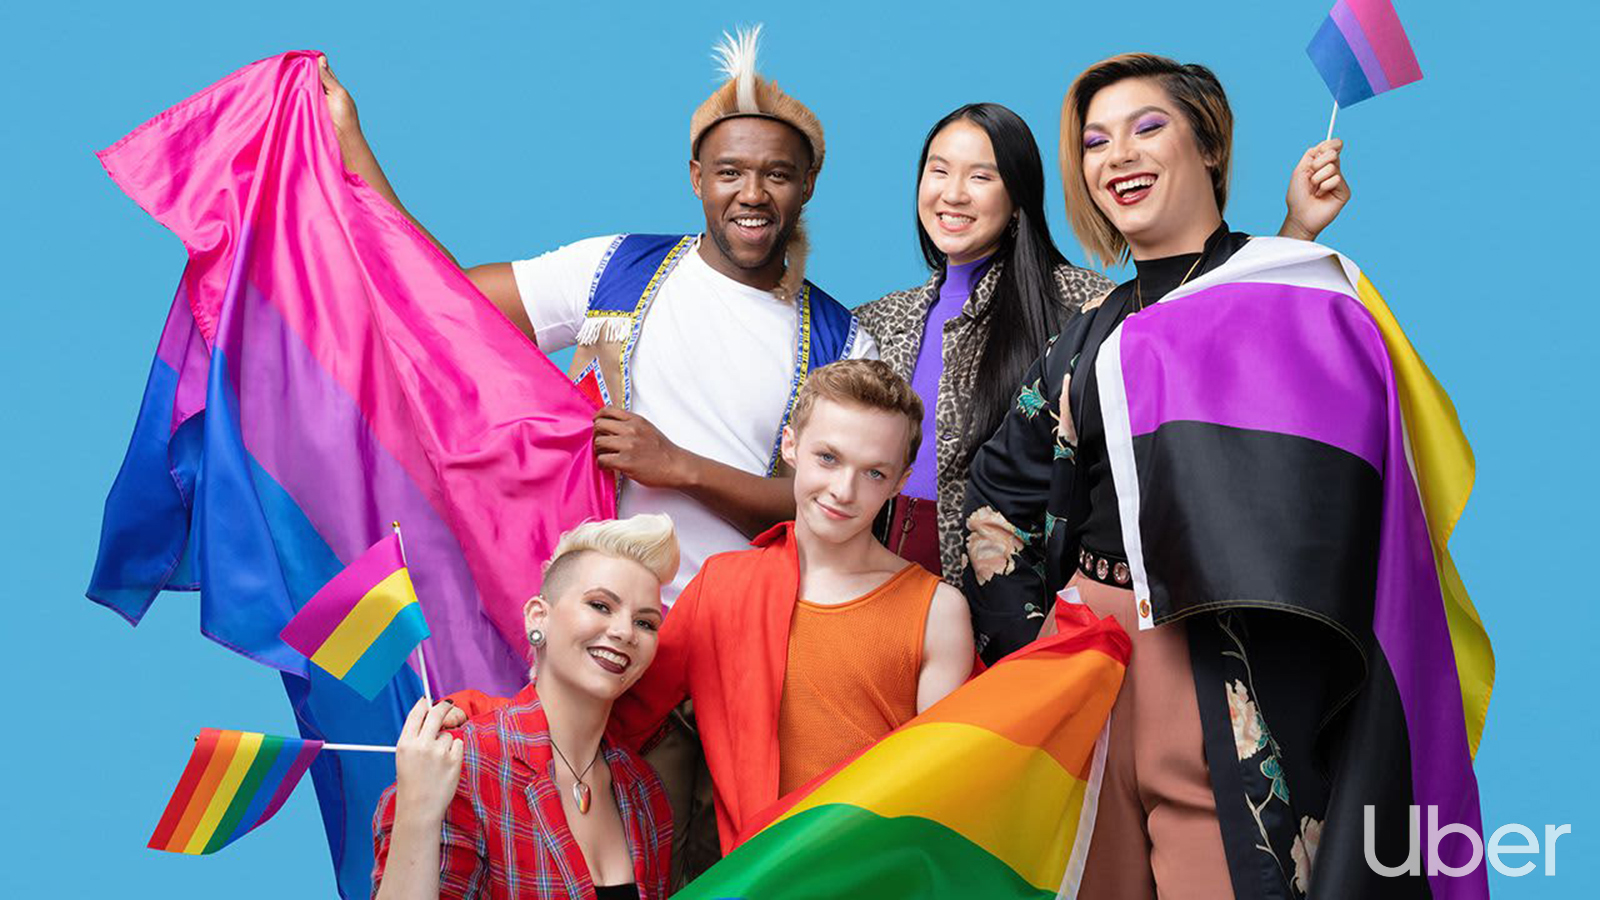 Pride2019_LP-thumbnail_web-preview_1280x720.jpg